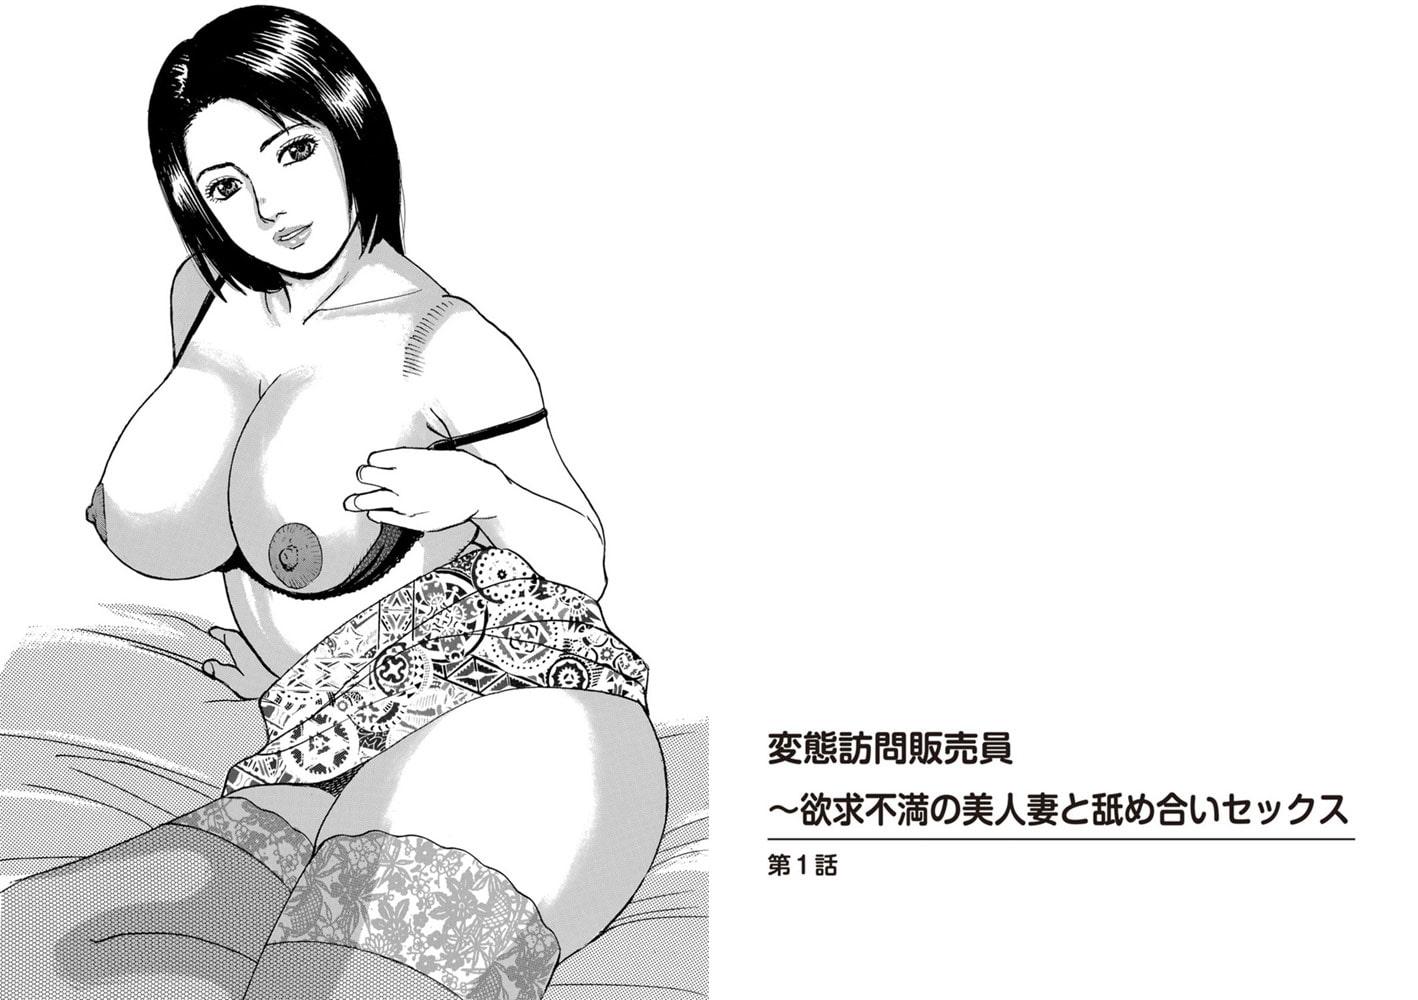 変態訪問販売員~欲求不満の美人妻と舐め合いセックス 1巻